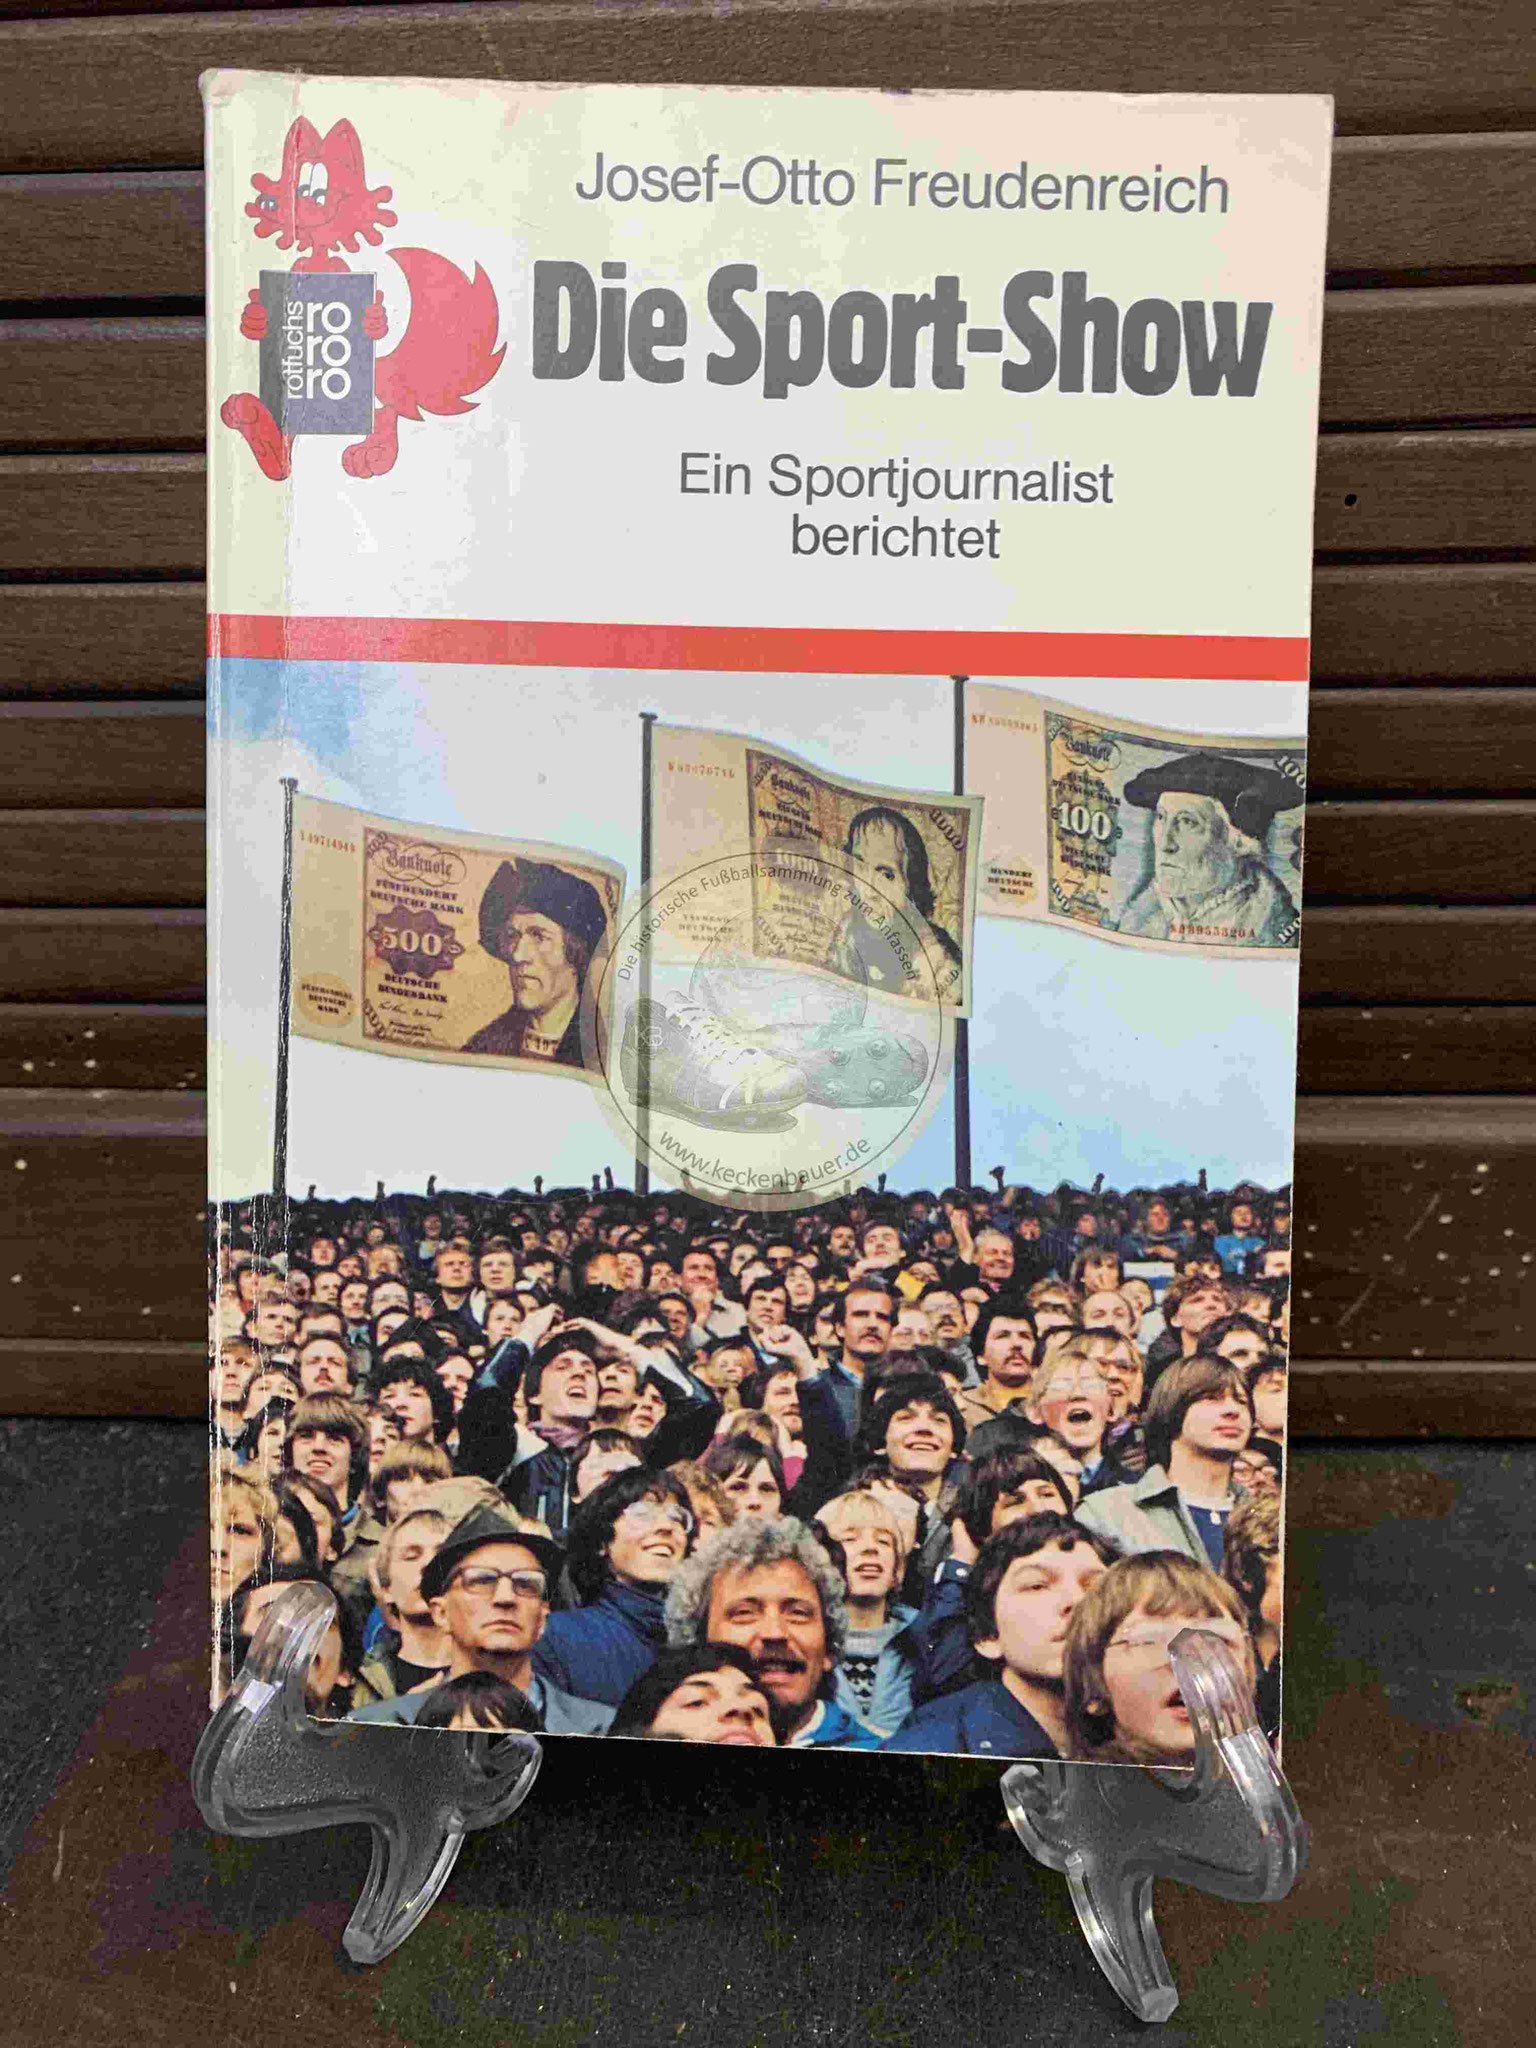 Josef-Otto Freudenreich Die Sport Show aus dem Jahr 1983